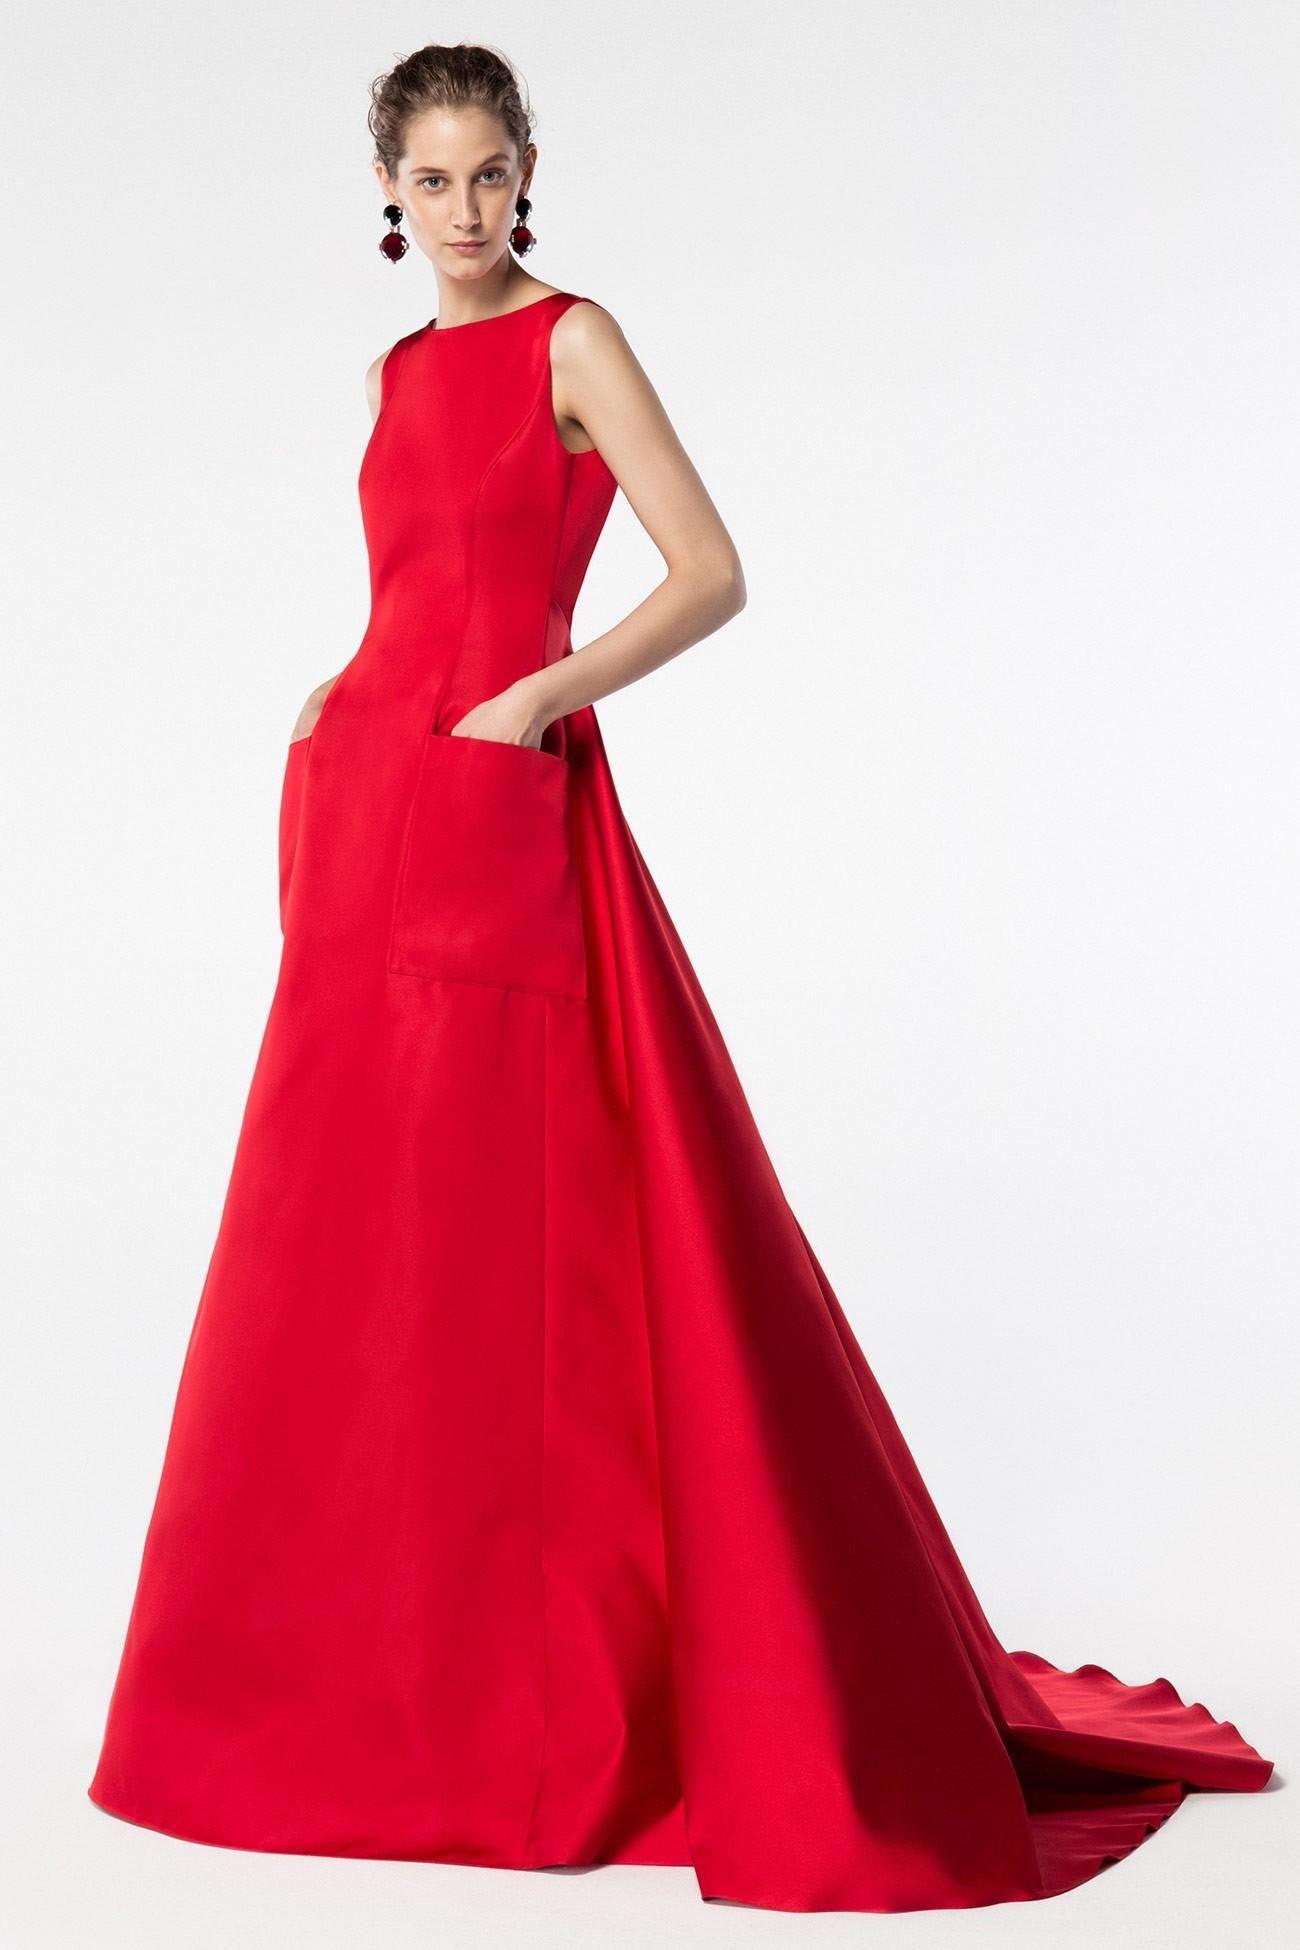 rotes kleid hochzeit quiz - abendkleid